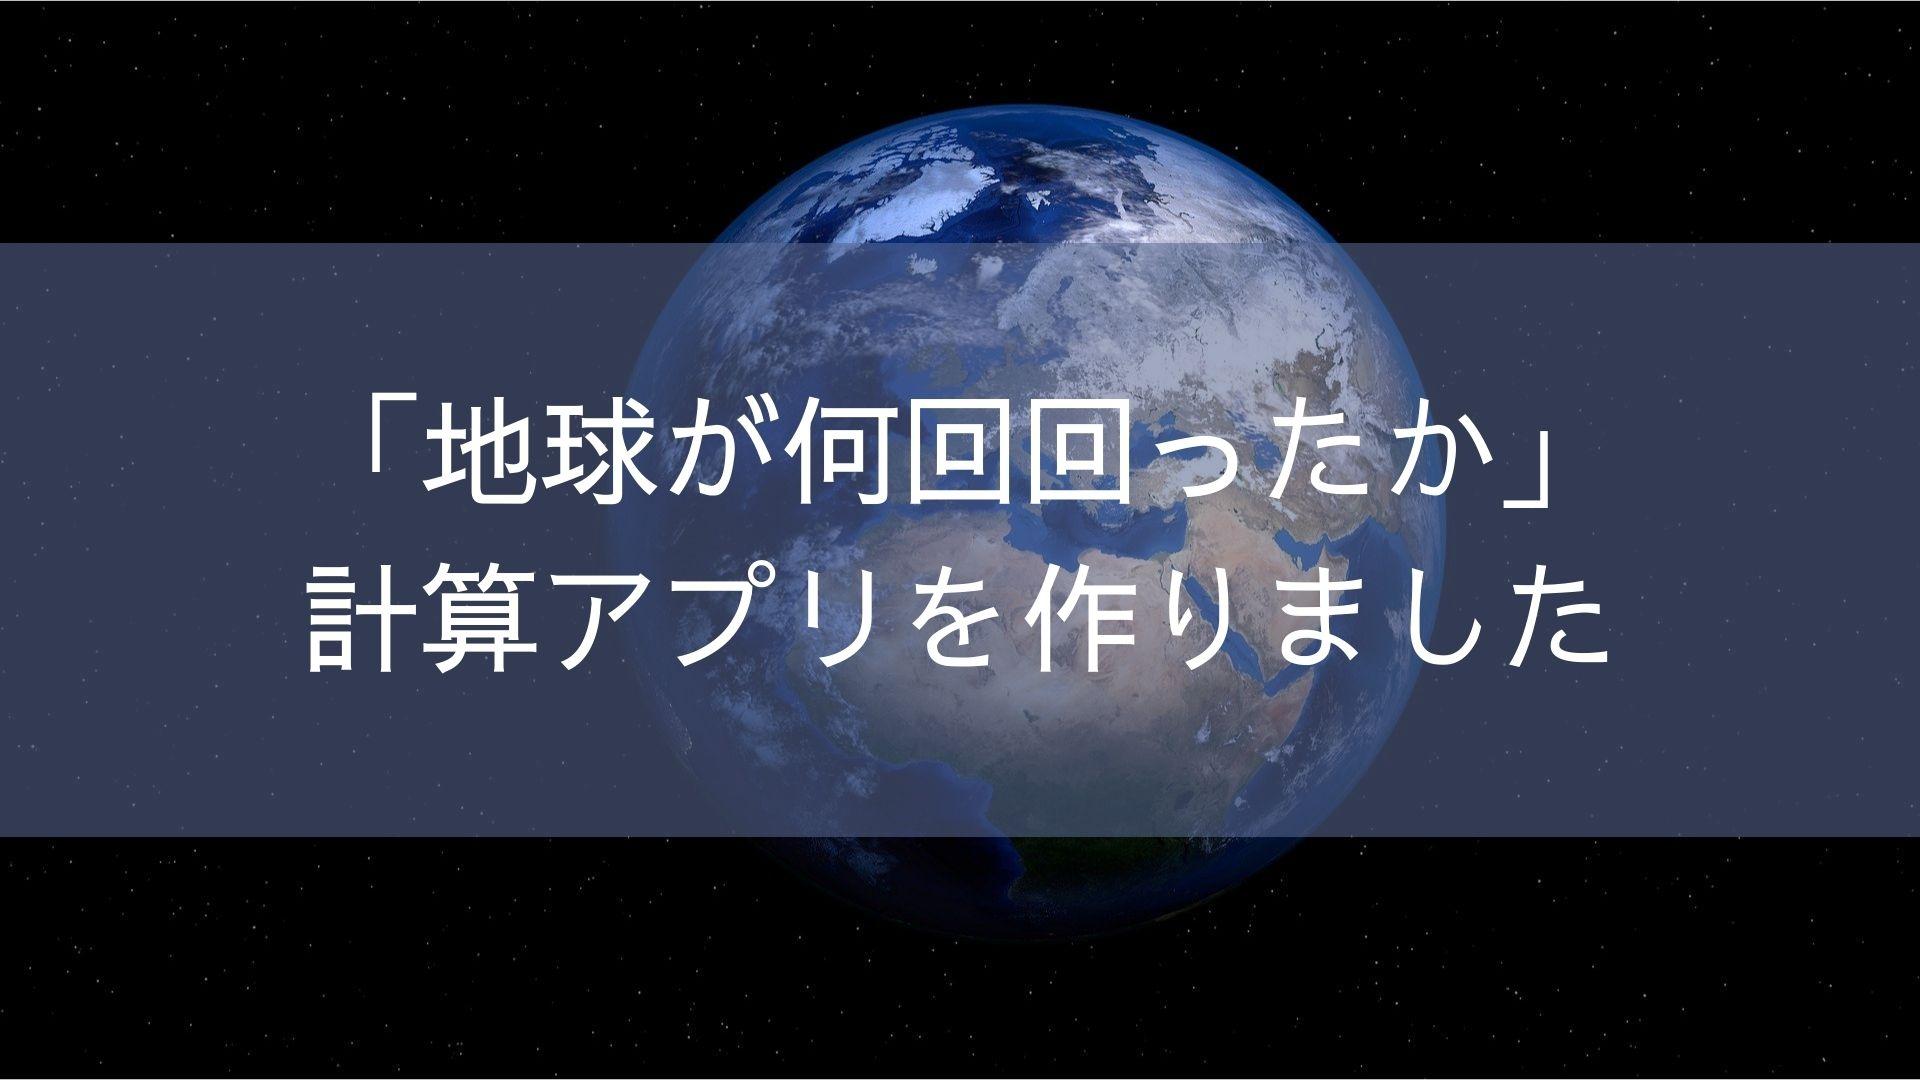 地球が何回回ったか